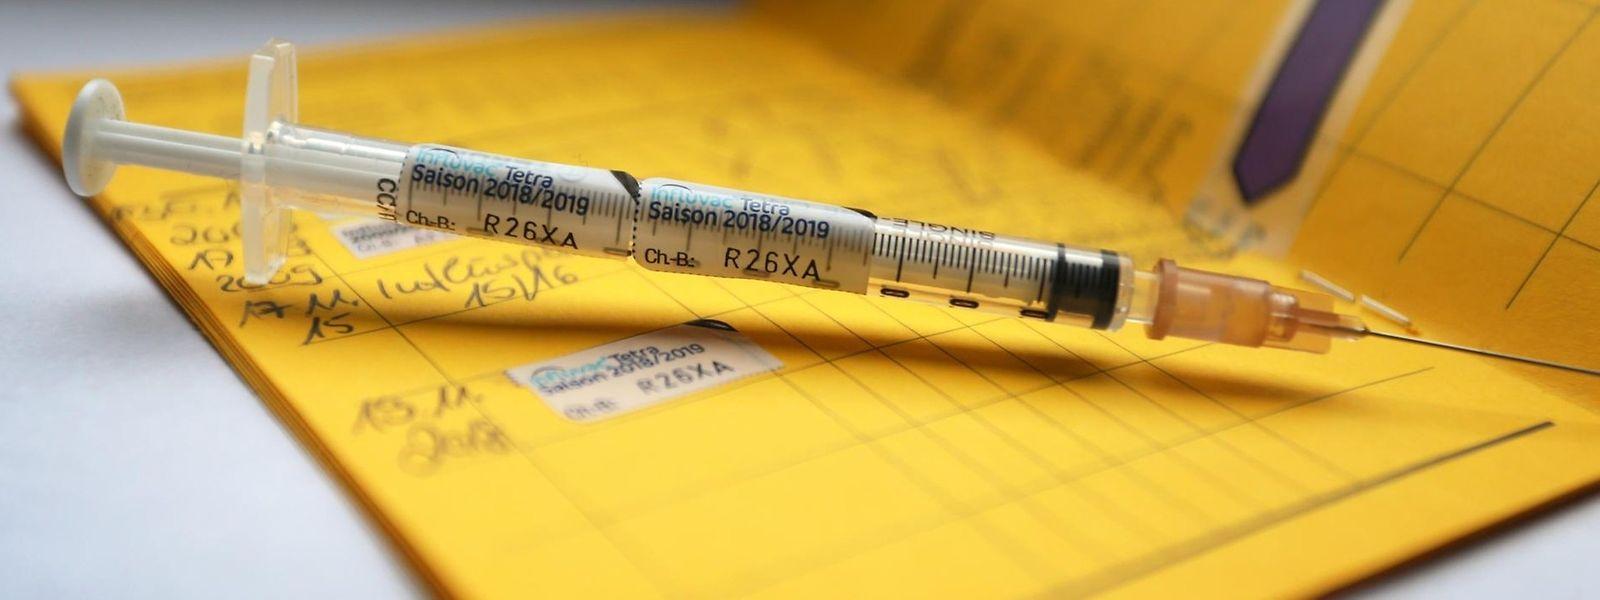 En raison des conditions de livraison et de stockage des vaccins, leur utilisation ne devrait pas pouvoir se faire au sein des cabinets médicaux.